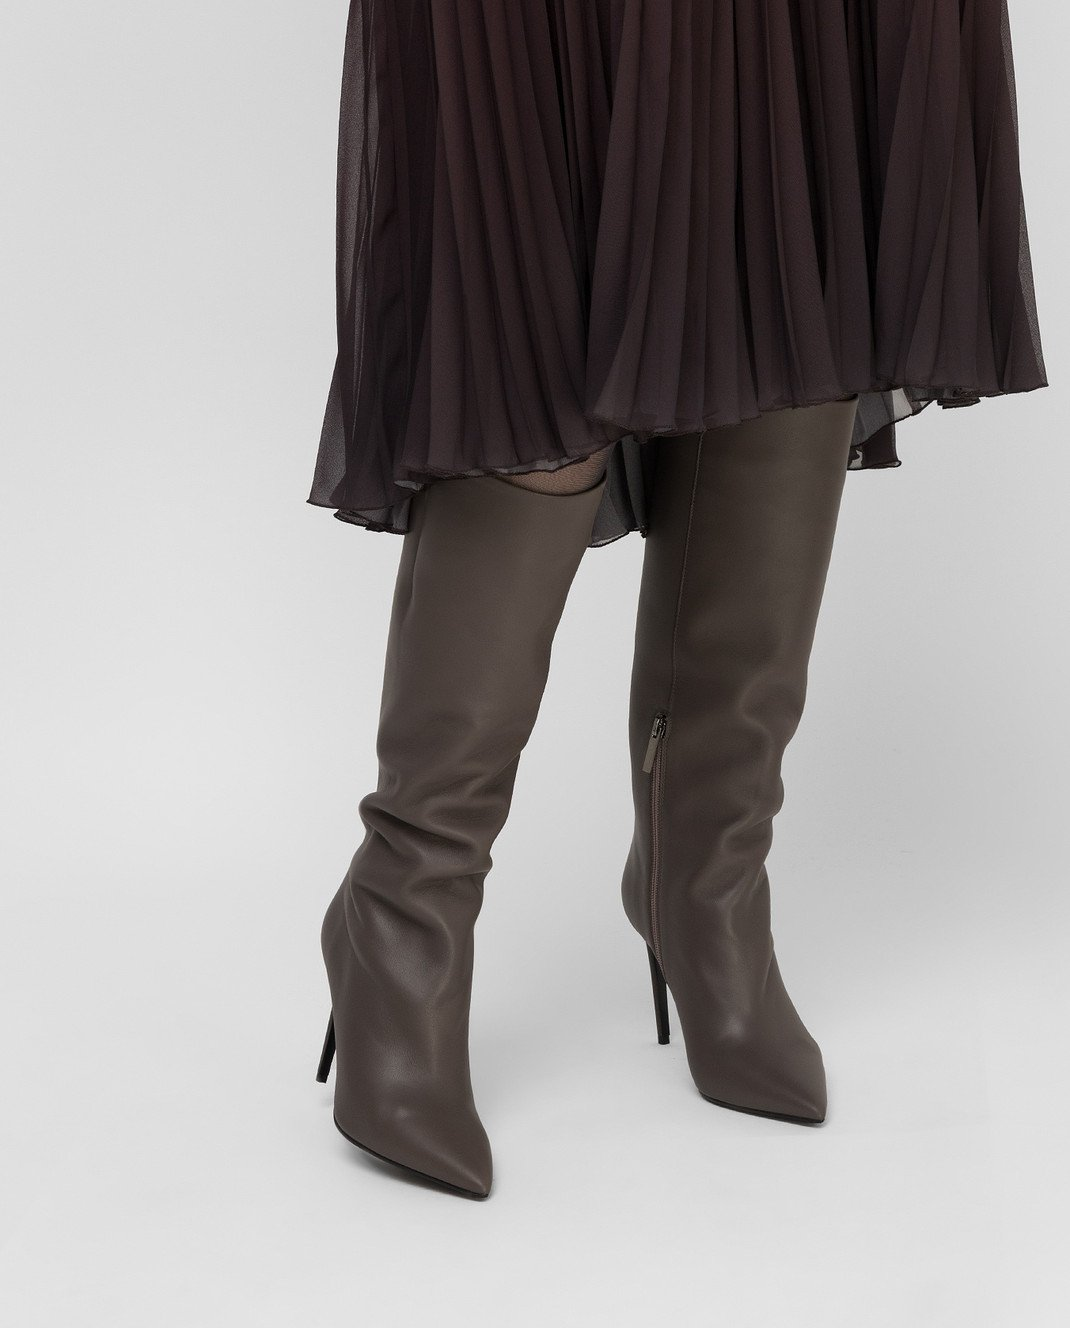 Babe Pay Pls Темно-бежевые кожаные сапоги изображение 2